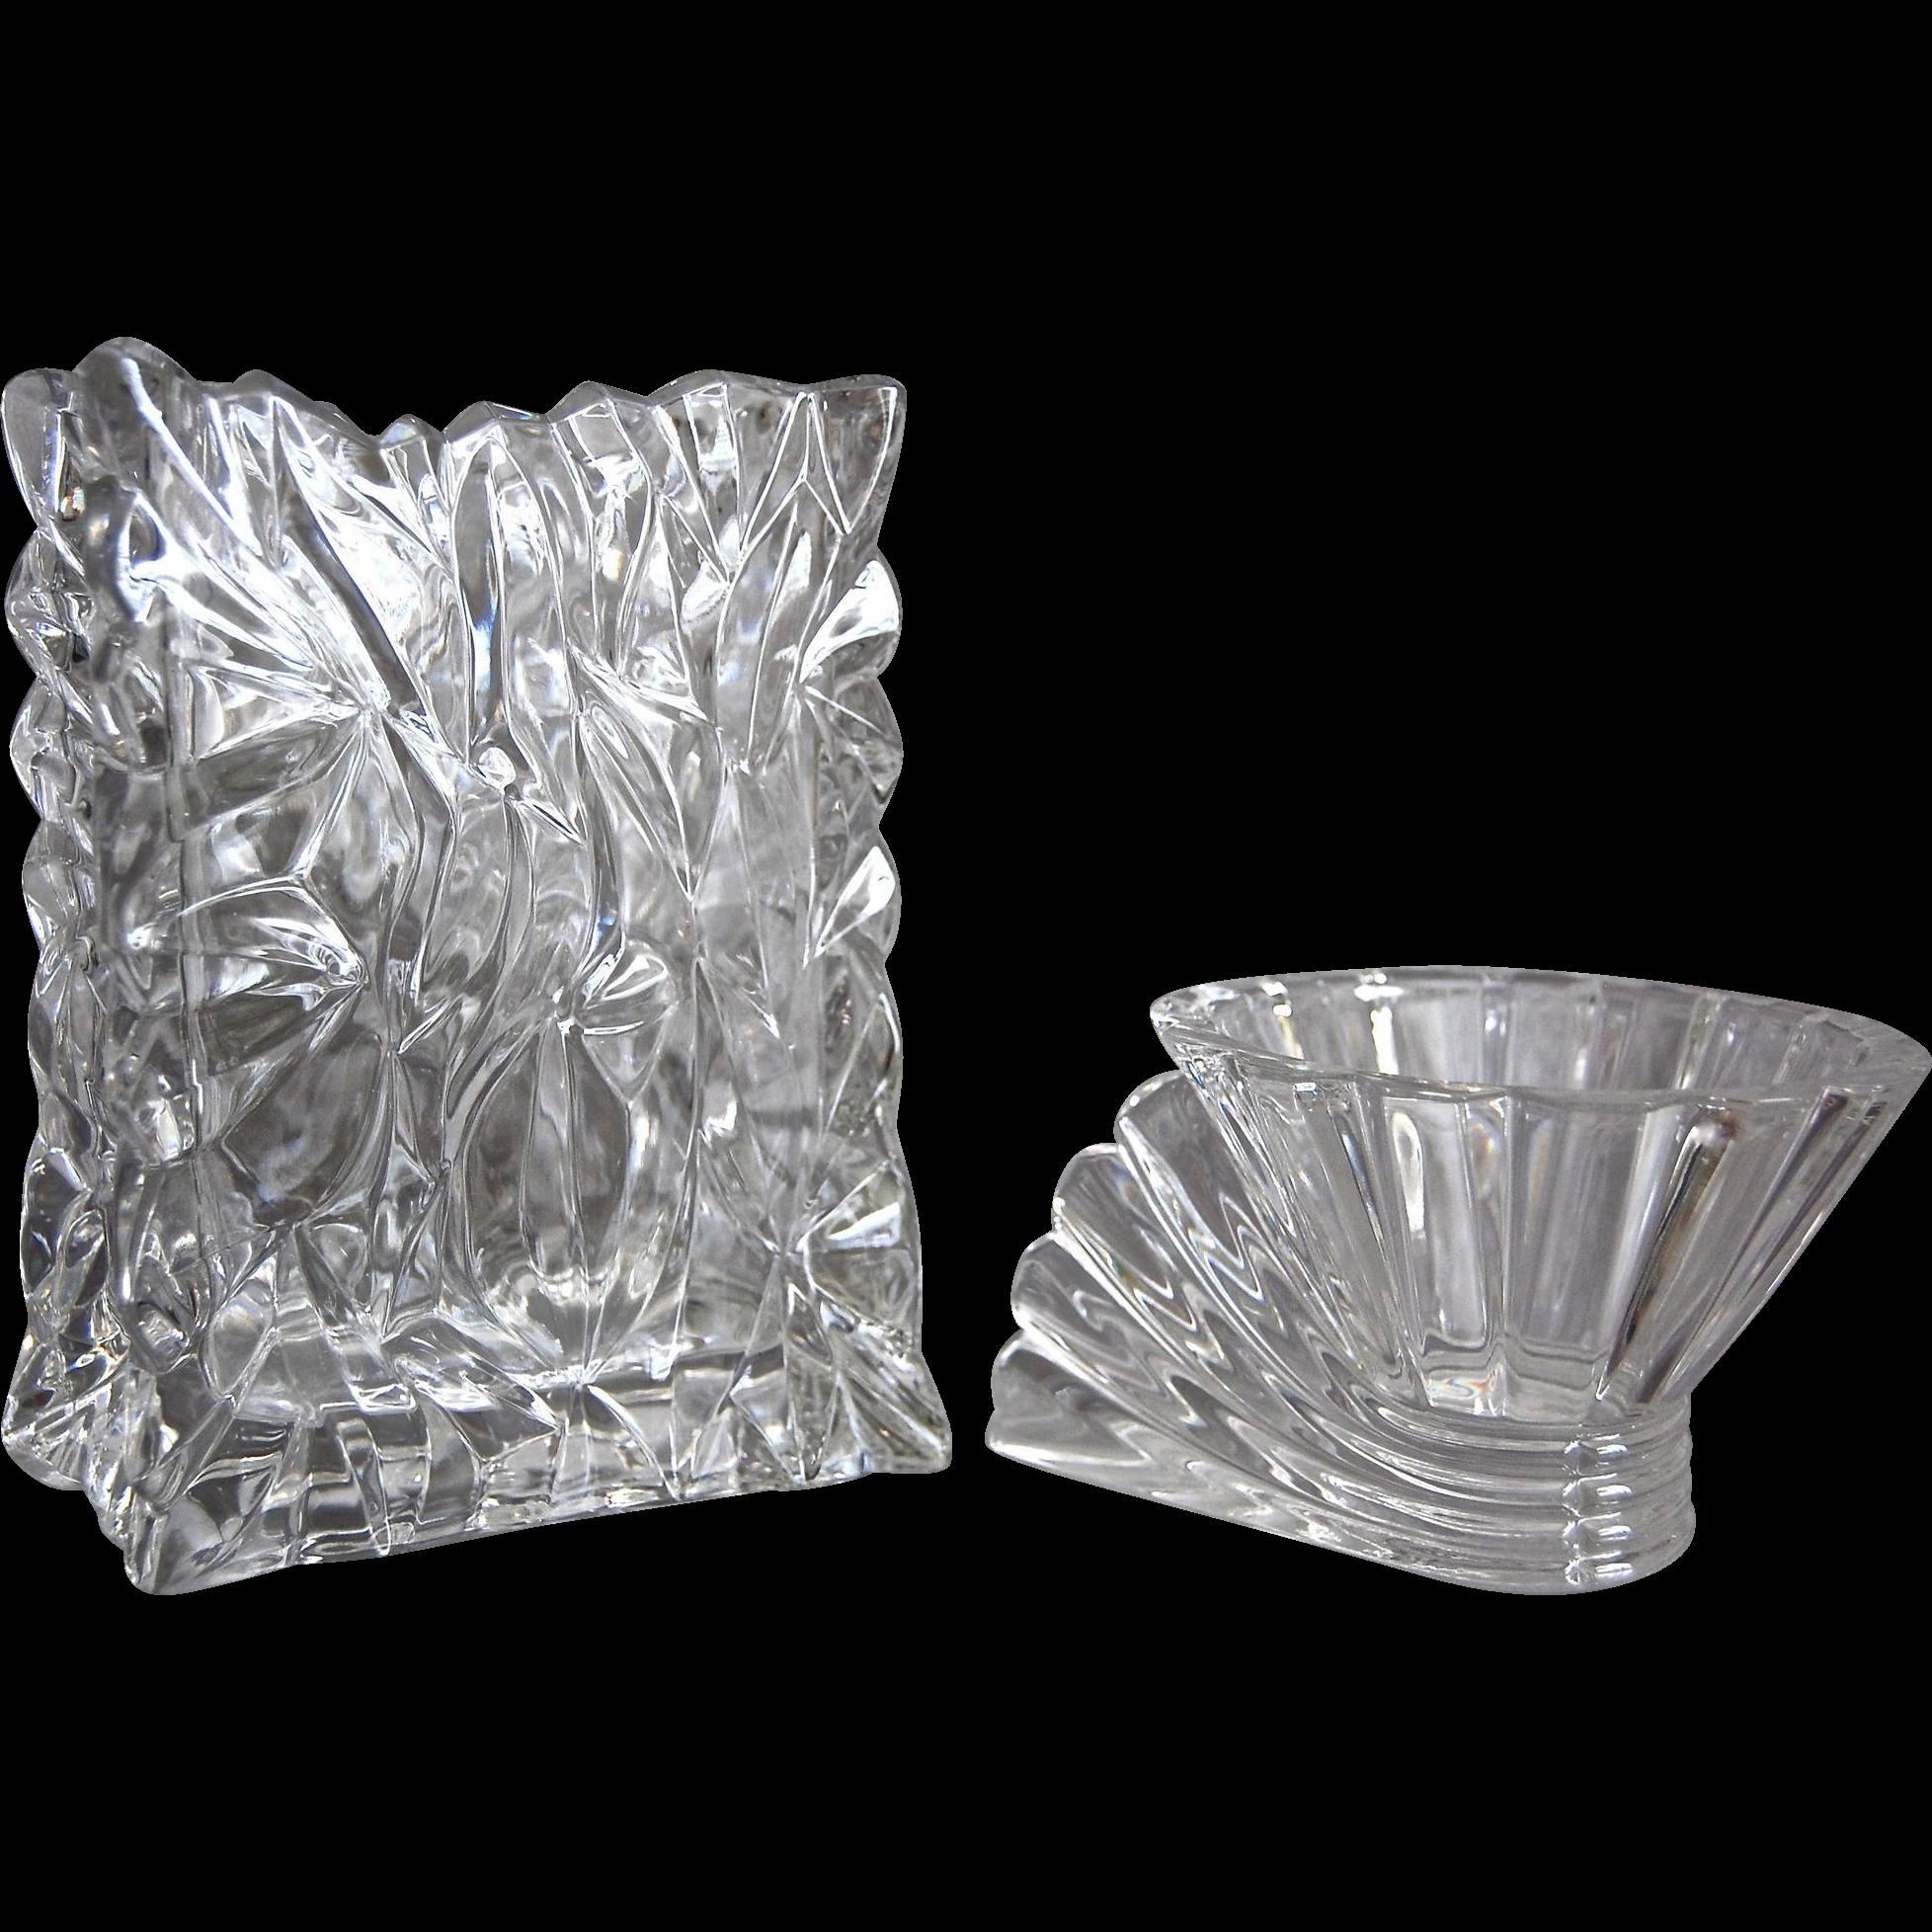 Rosenthal Studio Line Crystal Vase Amp Votive Set From